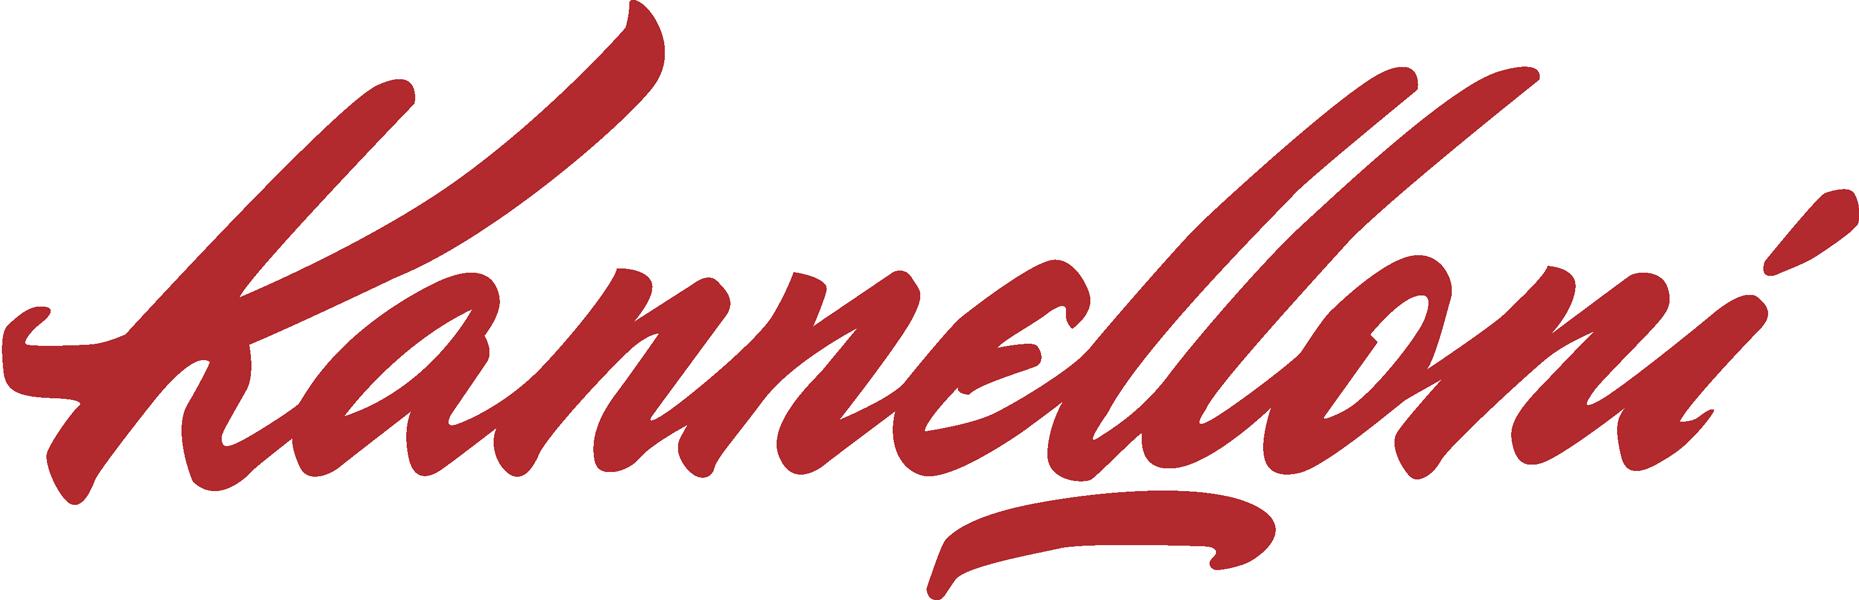 Kannelloni Logo